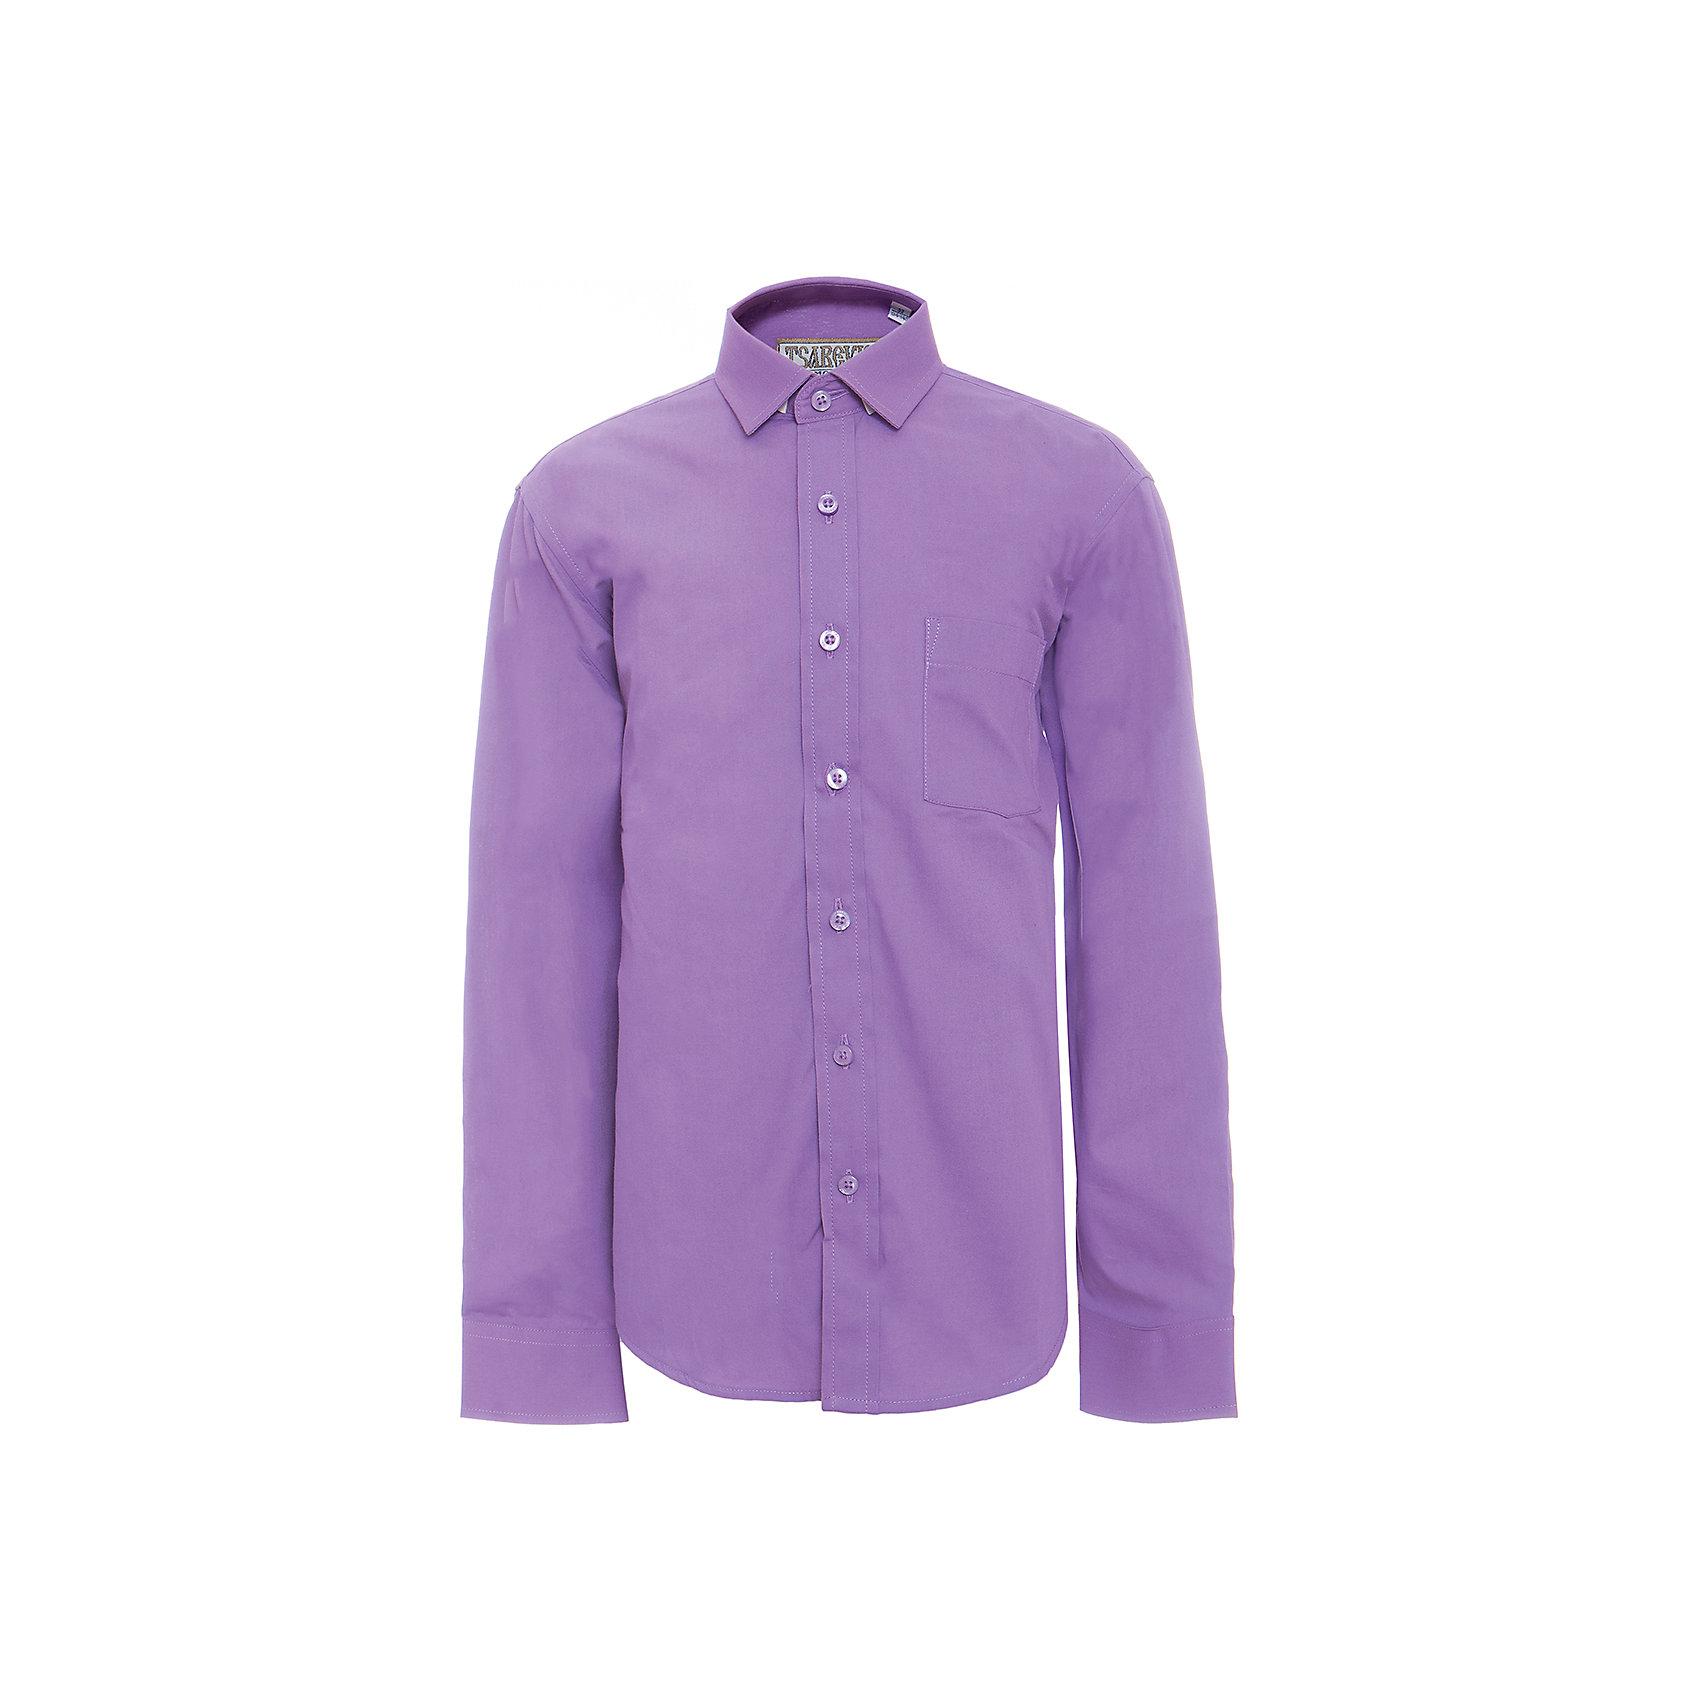 Рубашка для мальчика TsarevichБлузки и рубашки<br>Характеристики товара:<br><br>• цвет: фиолетовый<br>• состав ткани: 80% хлопок, 20% полиэстер<br>• особенности: школьная, праздничная<br>• застежка: пуговицы<br>• рукава: длинные<br>• сезон: круглый год<br>• страна бренда: Российская Федерация<br>• страна изготовитель: Китай<br><br>Сорочка классического кроя для мальчика - отличный вариант практичной и стильной школьной одежды.<br><br>Классическая форма, накладной карман, воротник с отсрочкой, свободный крой, дышащая ткань с преобладанием хлопка - красиво и удобно.<br><br>Рубашку для мальчика Tsarevich (Царевич) можно купить в нашем интернет-магазине.<br><br>Ширина мм: 174<br>Глубина мм: 10<br>Высота мм: 169<br>Вес г: 157<br>Цвет: лиловый<br>Возраст от месяцев: 156<br>Возраст до месяцев: 168<br>Пол: Мужской<br>Возраст: Детский<br>Размер: 164/170,122/128,128/134,134/140,140/146,146/152,146/152,152/158,152/158,158/164<br>SKU: 6860666